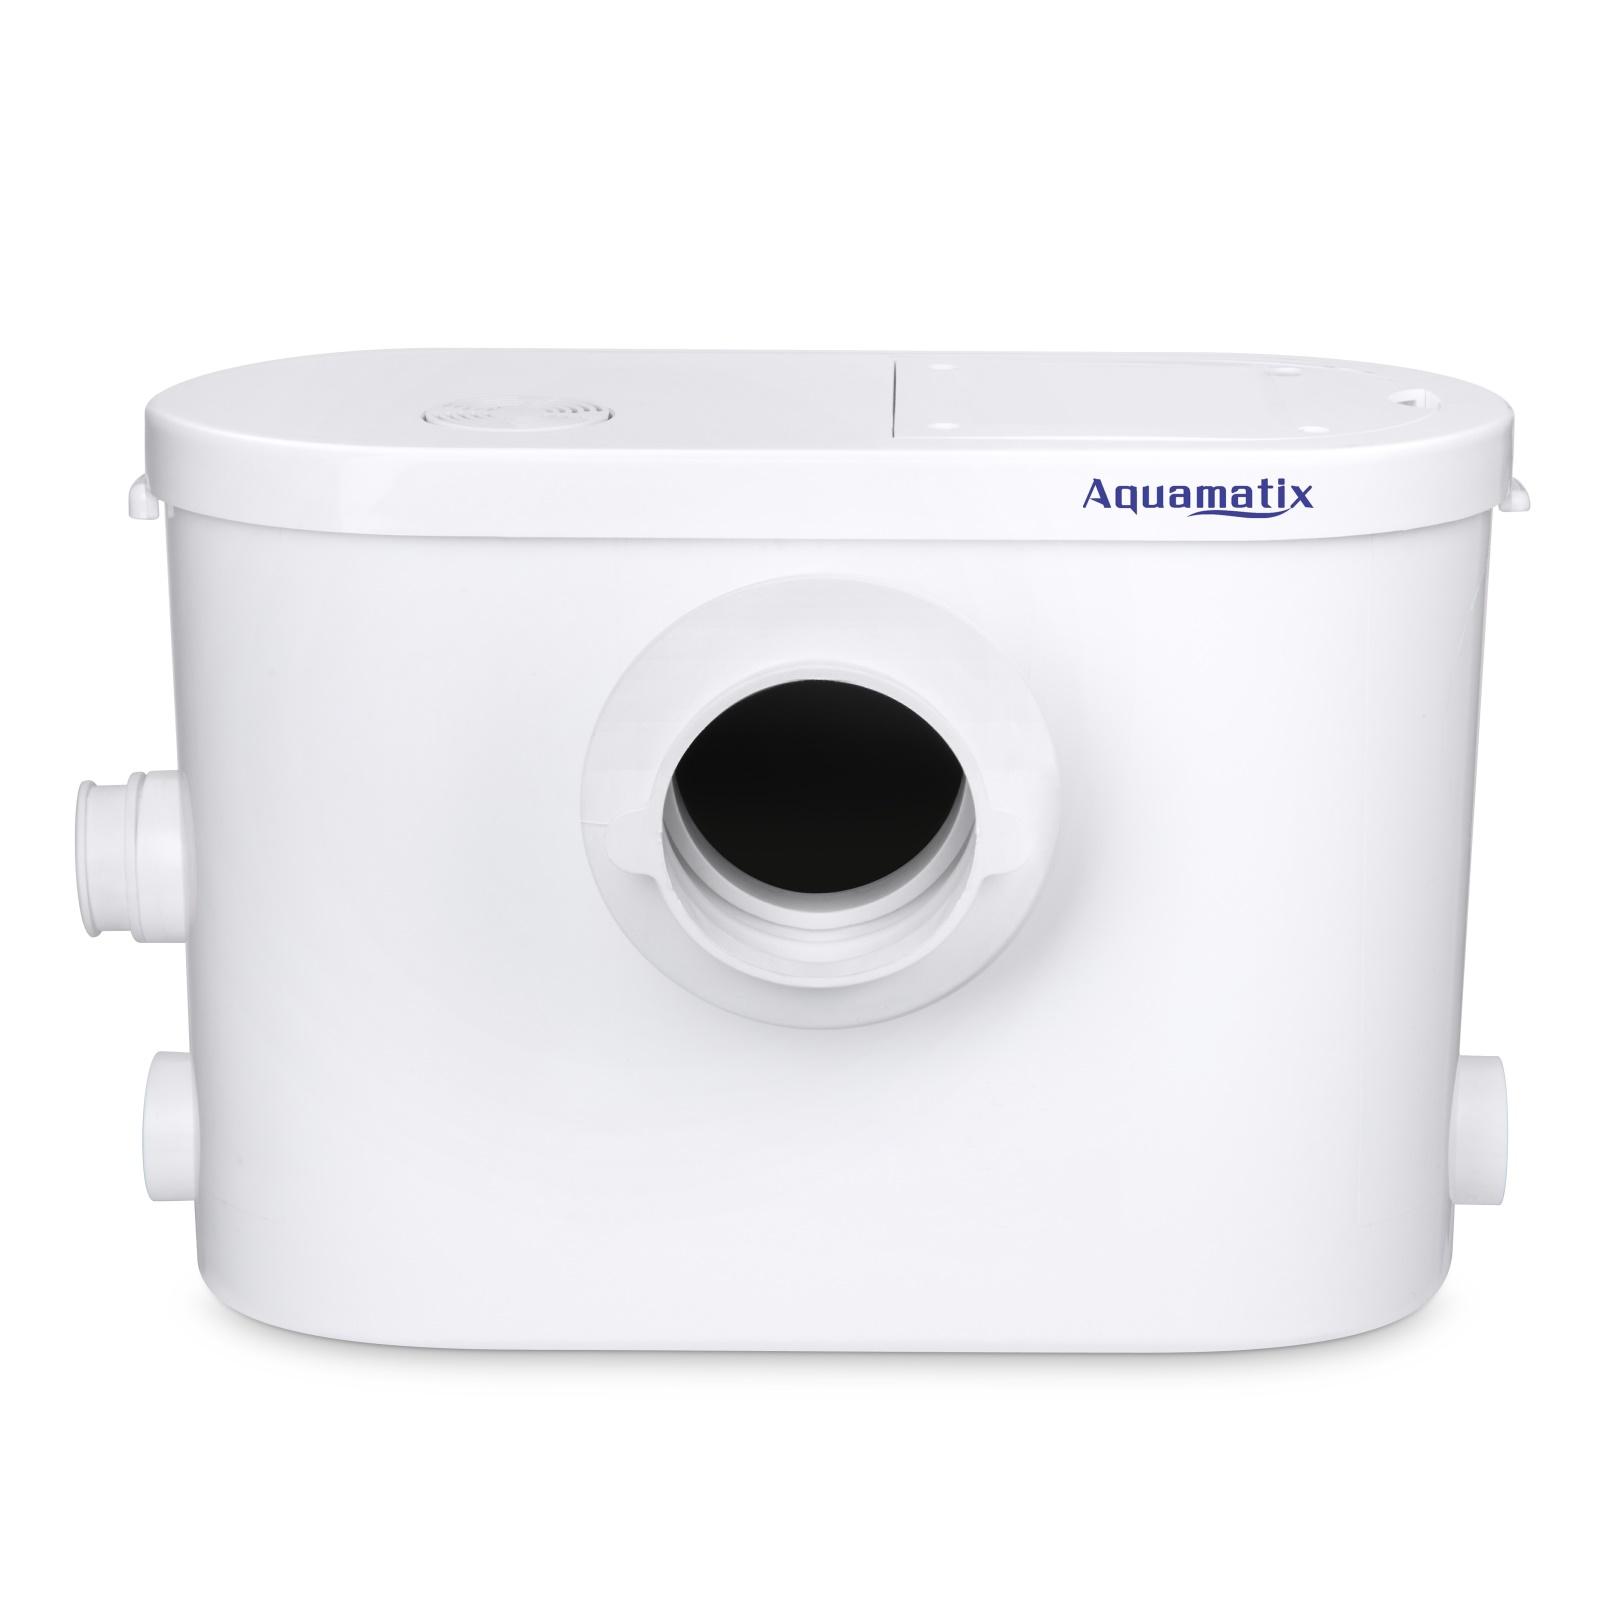 hebeanlage aquamatix kleinhebeanlage neu f kalienpumpe wc. Black Bedroom Furniture Sets. Home Design Ideas